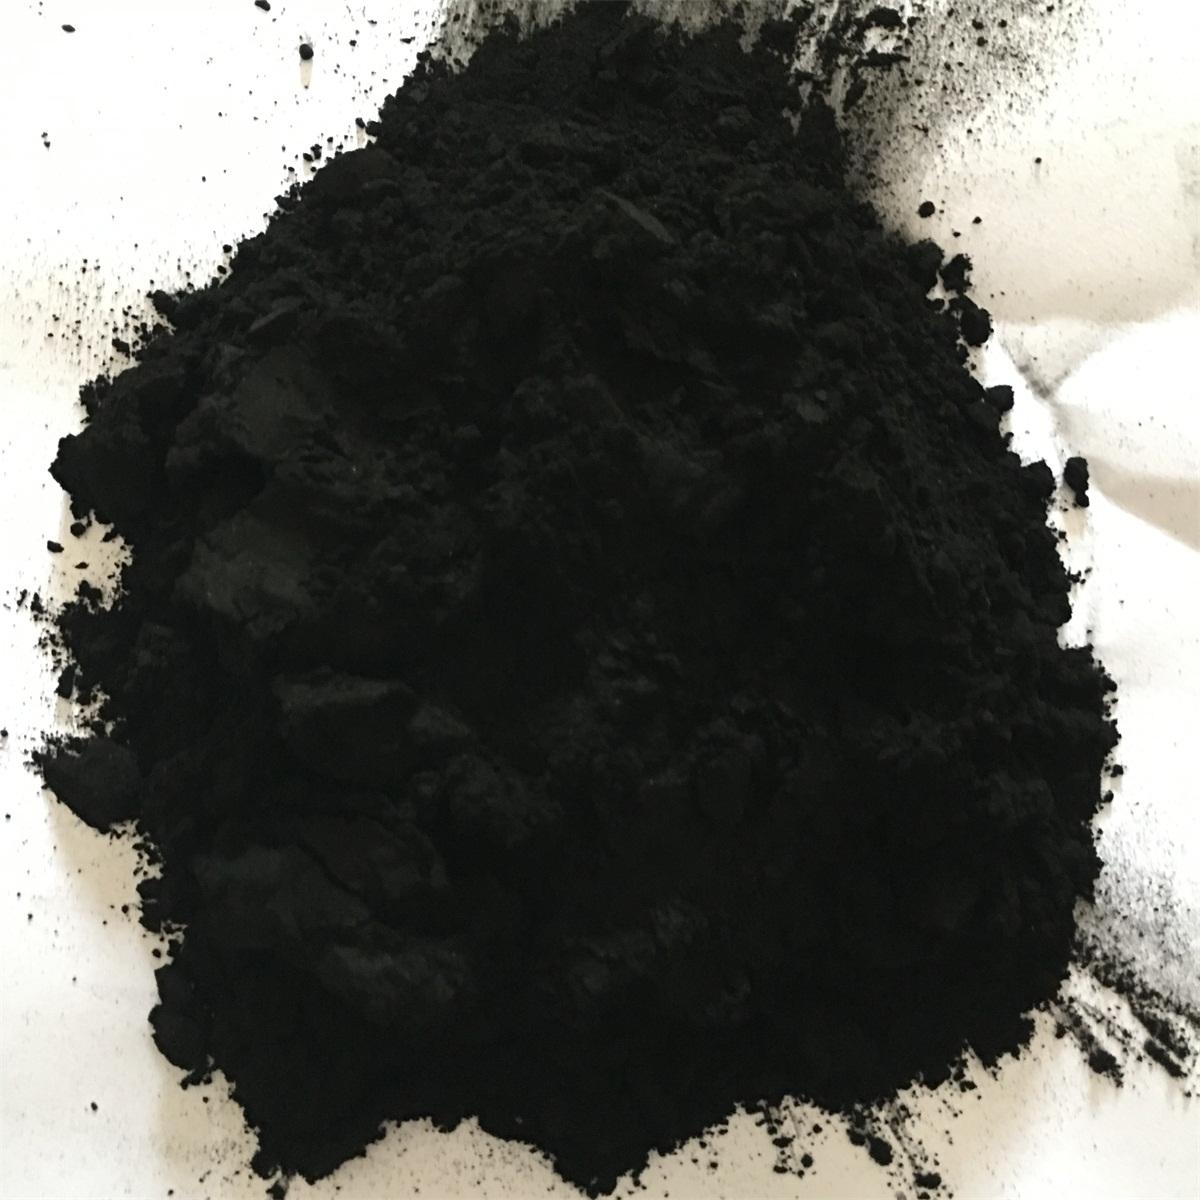 氯化鋁廠家 超值的活性炭廣東廠家直銷供應